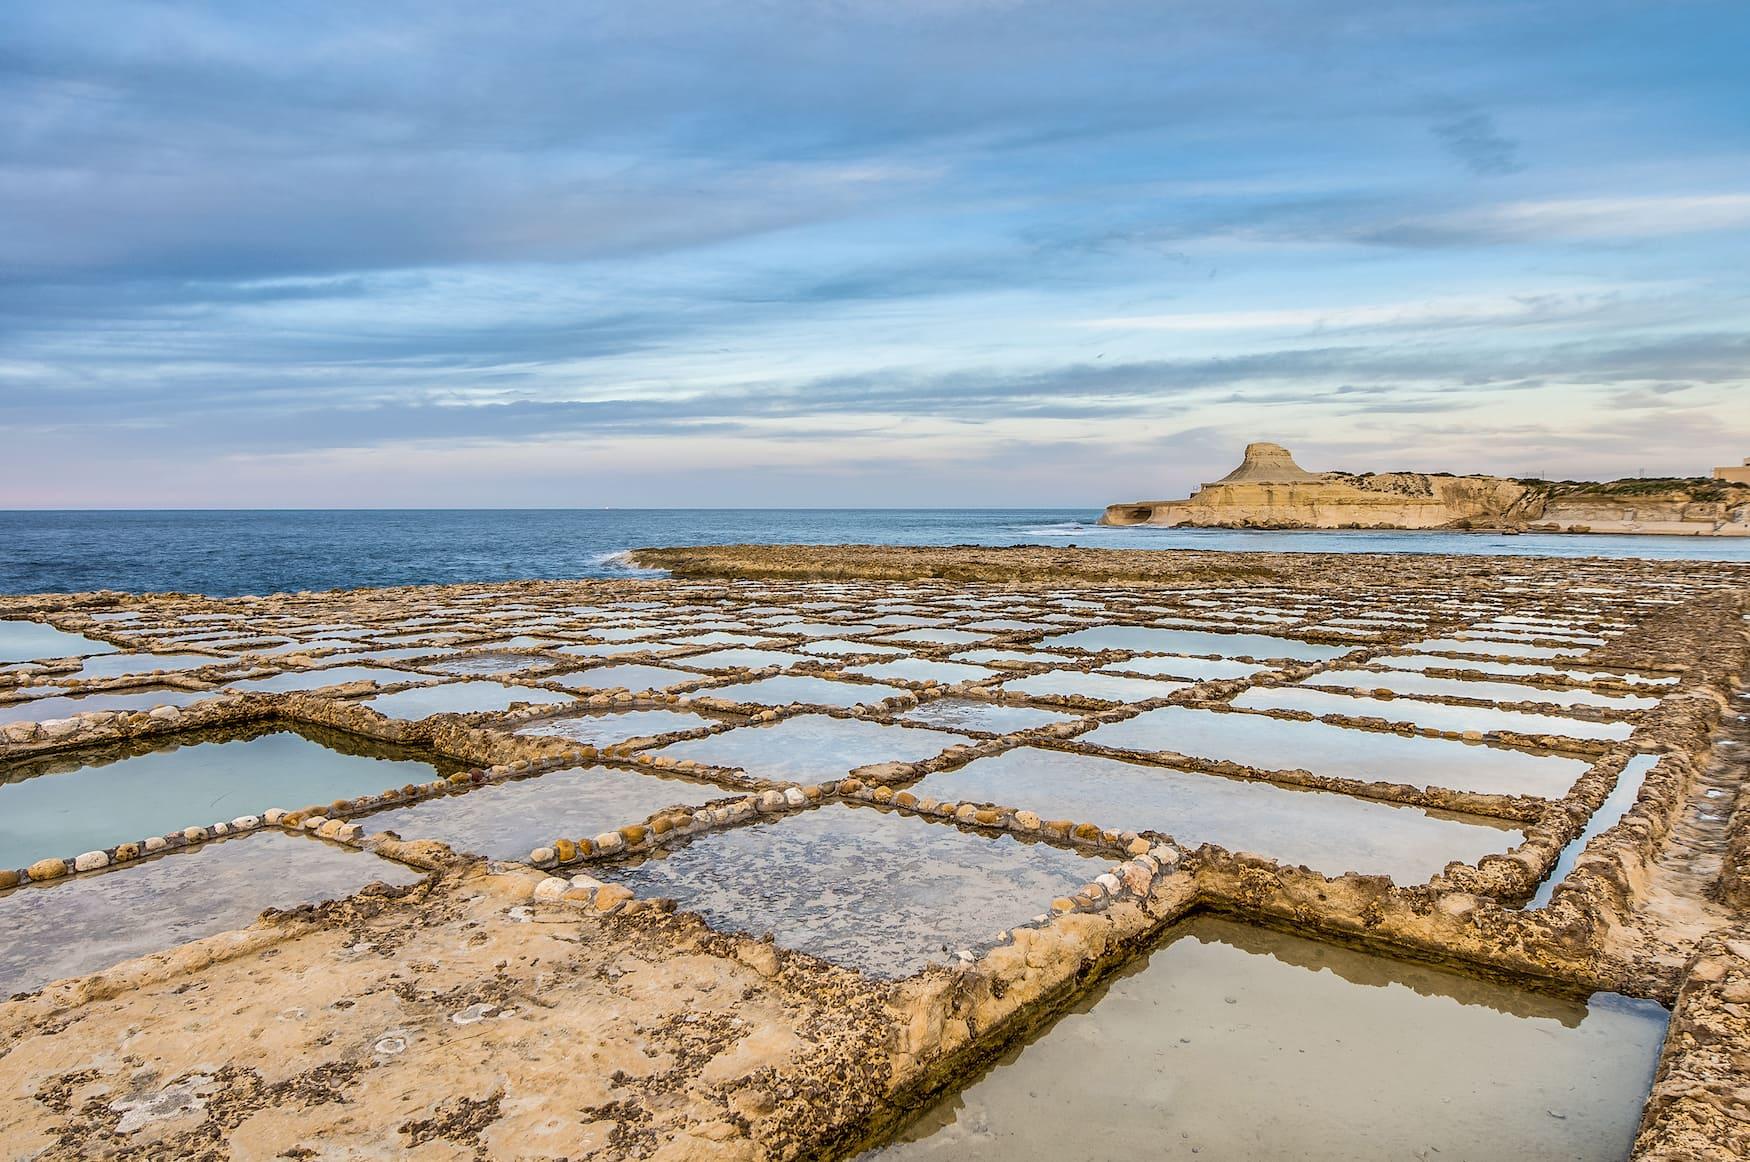 Salzverdunstungsteiche, auch Salinen oder Salzpfannen genannt, in der Nähe von Qbajjar auf der maltesischen Insel Gozo.